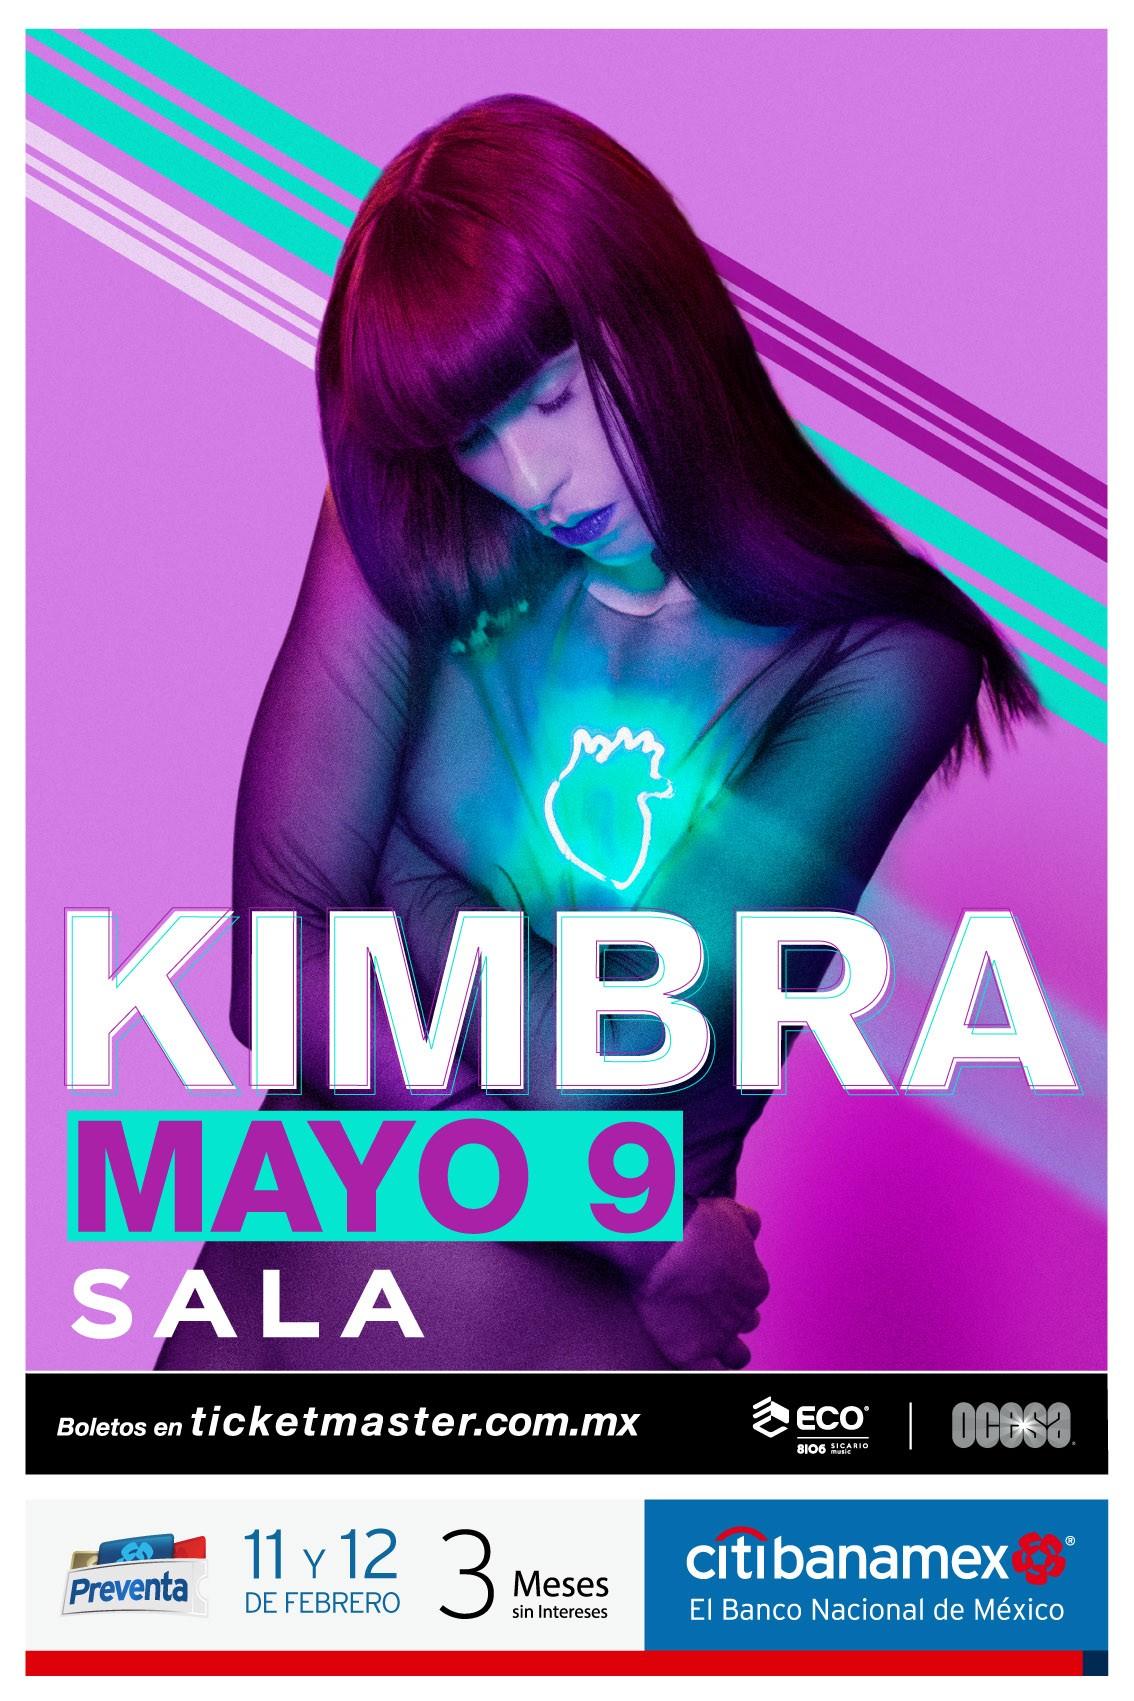 Kimbra México 2019